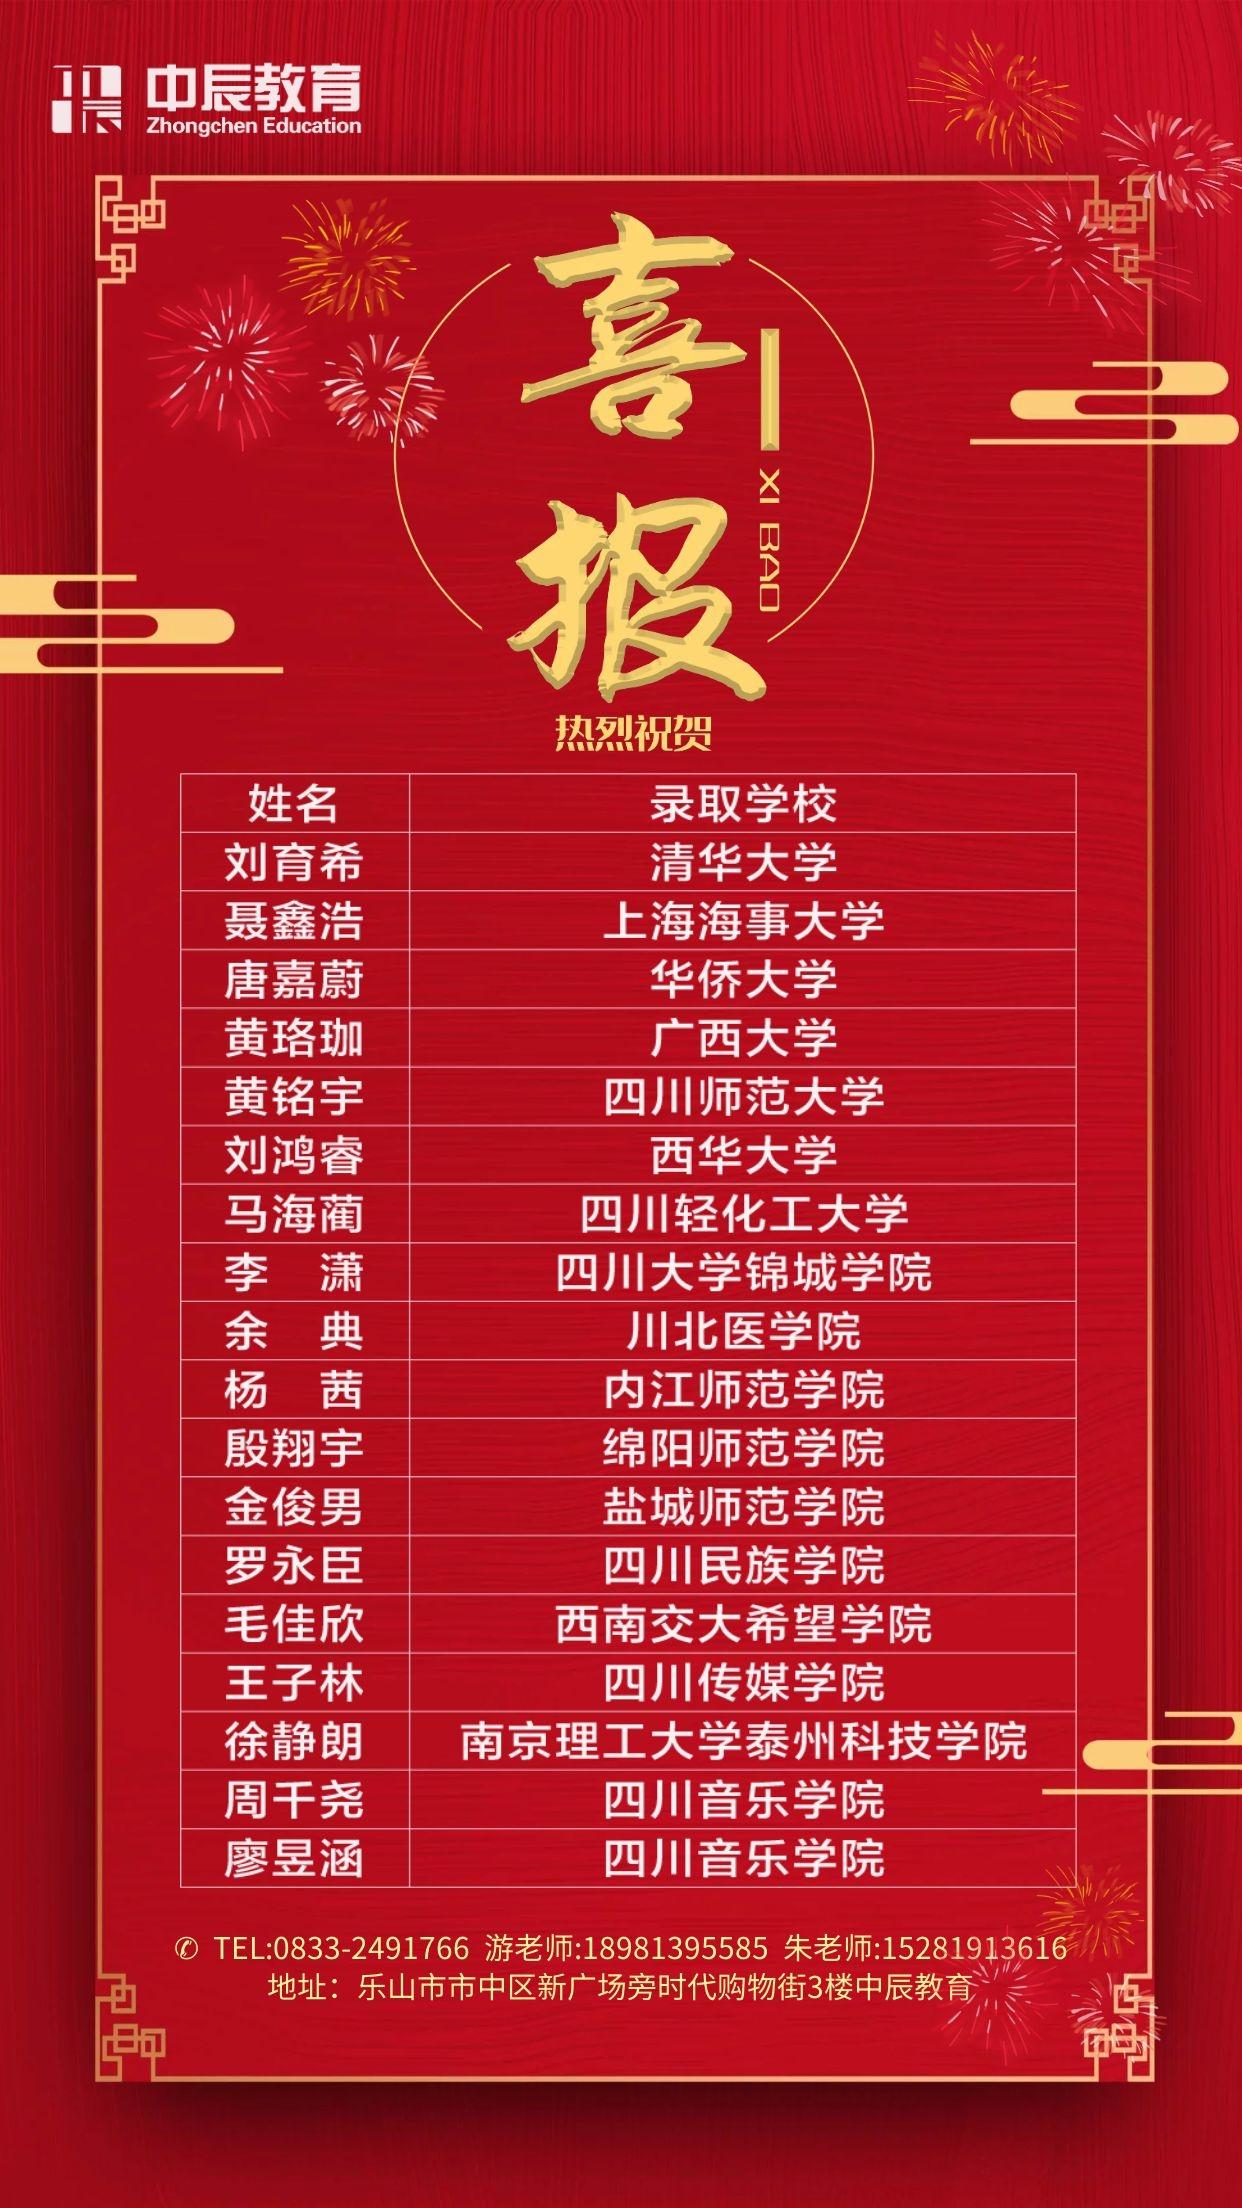 2019届中辰教育高三荣誉榜